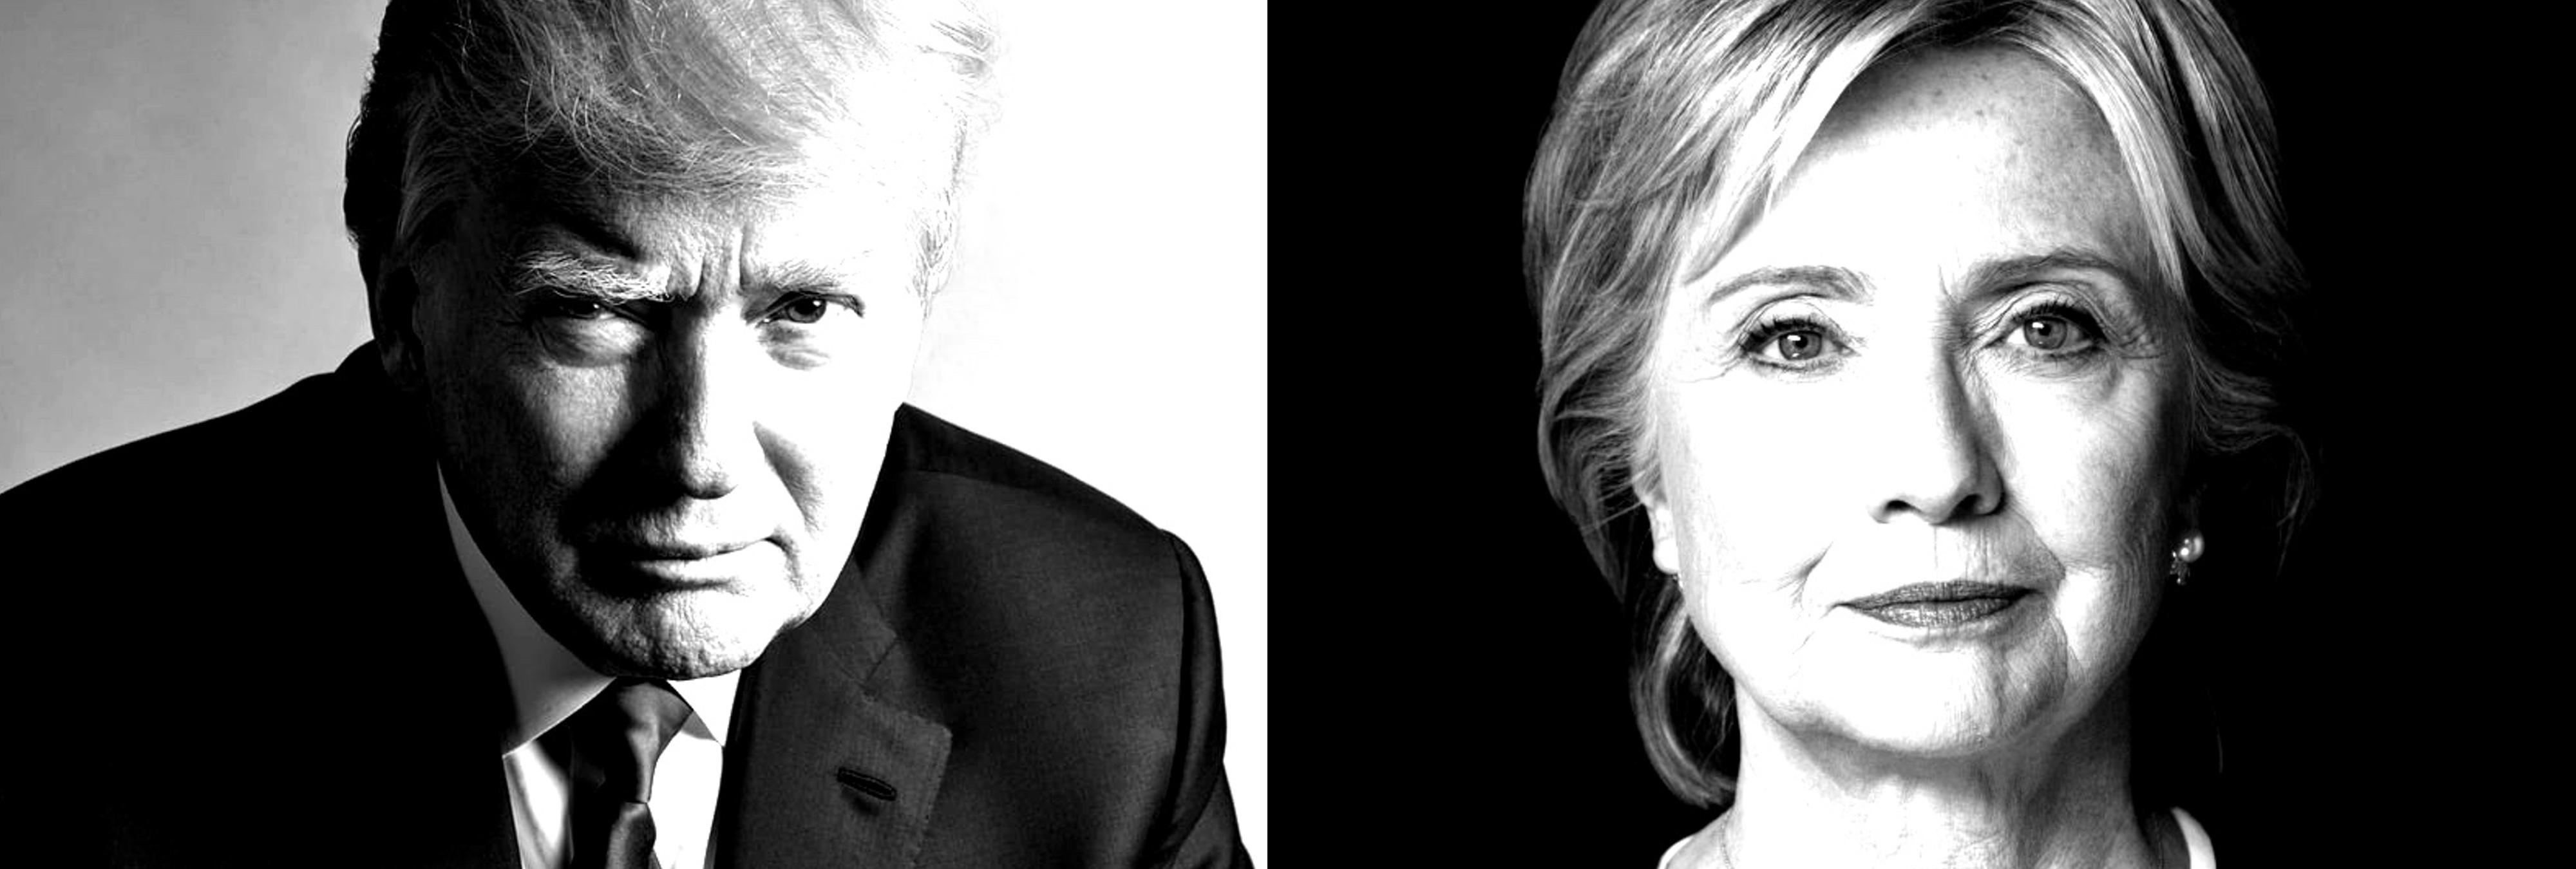 Los momentos más decisivos de la campaña presidencial en EEUU